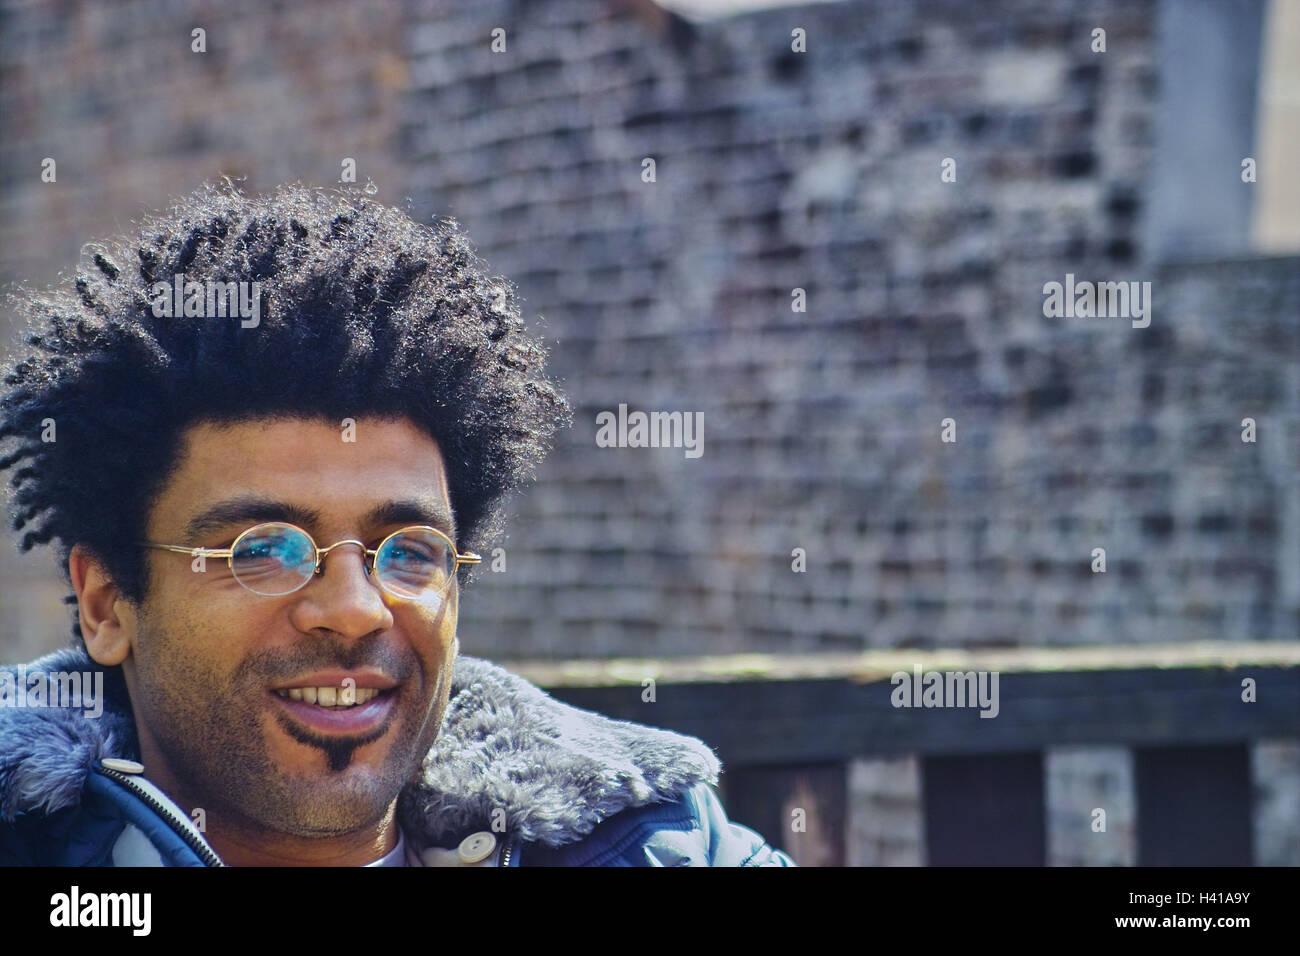 Mann Junge Dunkelhäutige Brille Lächeln Porträt Porträt Eines